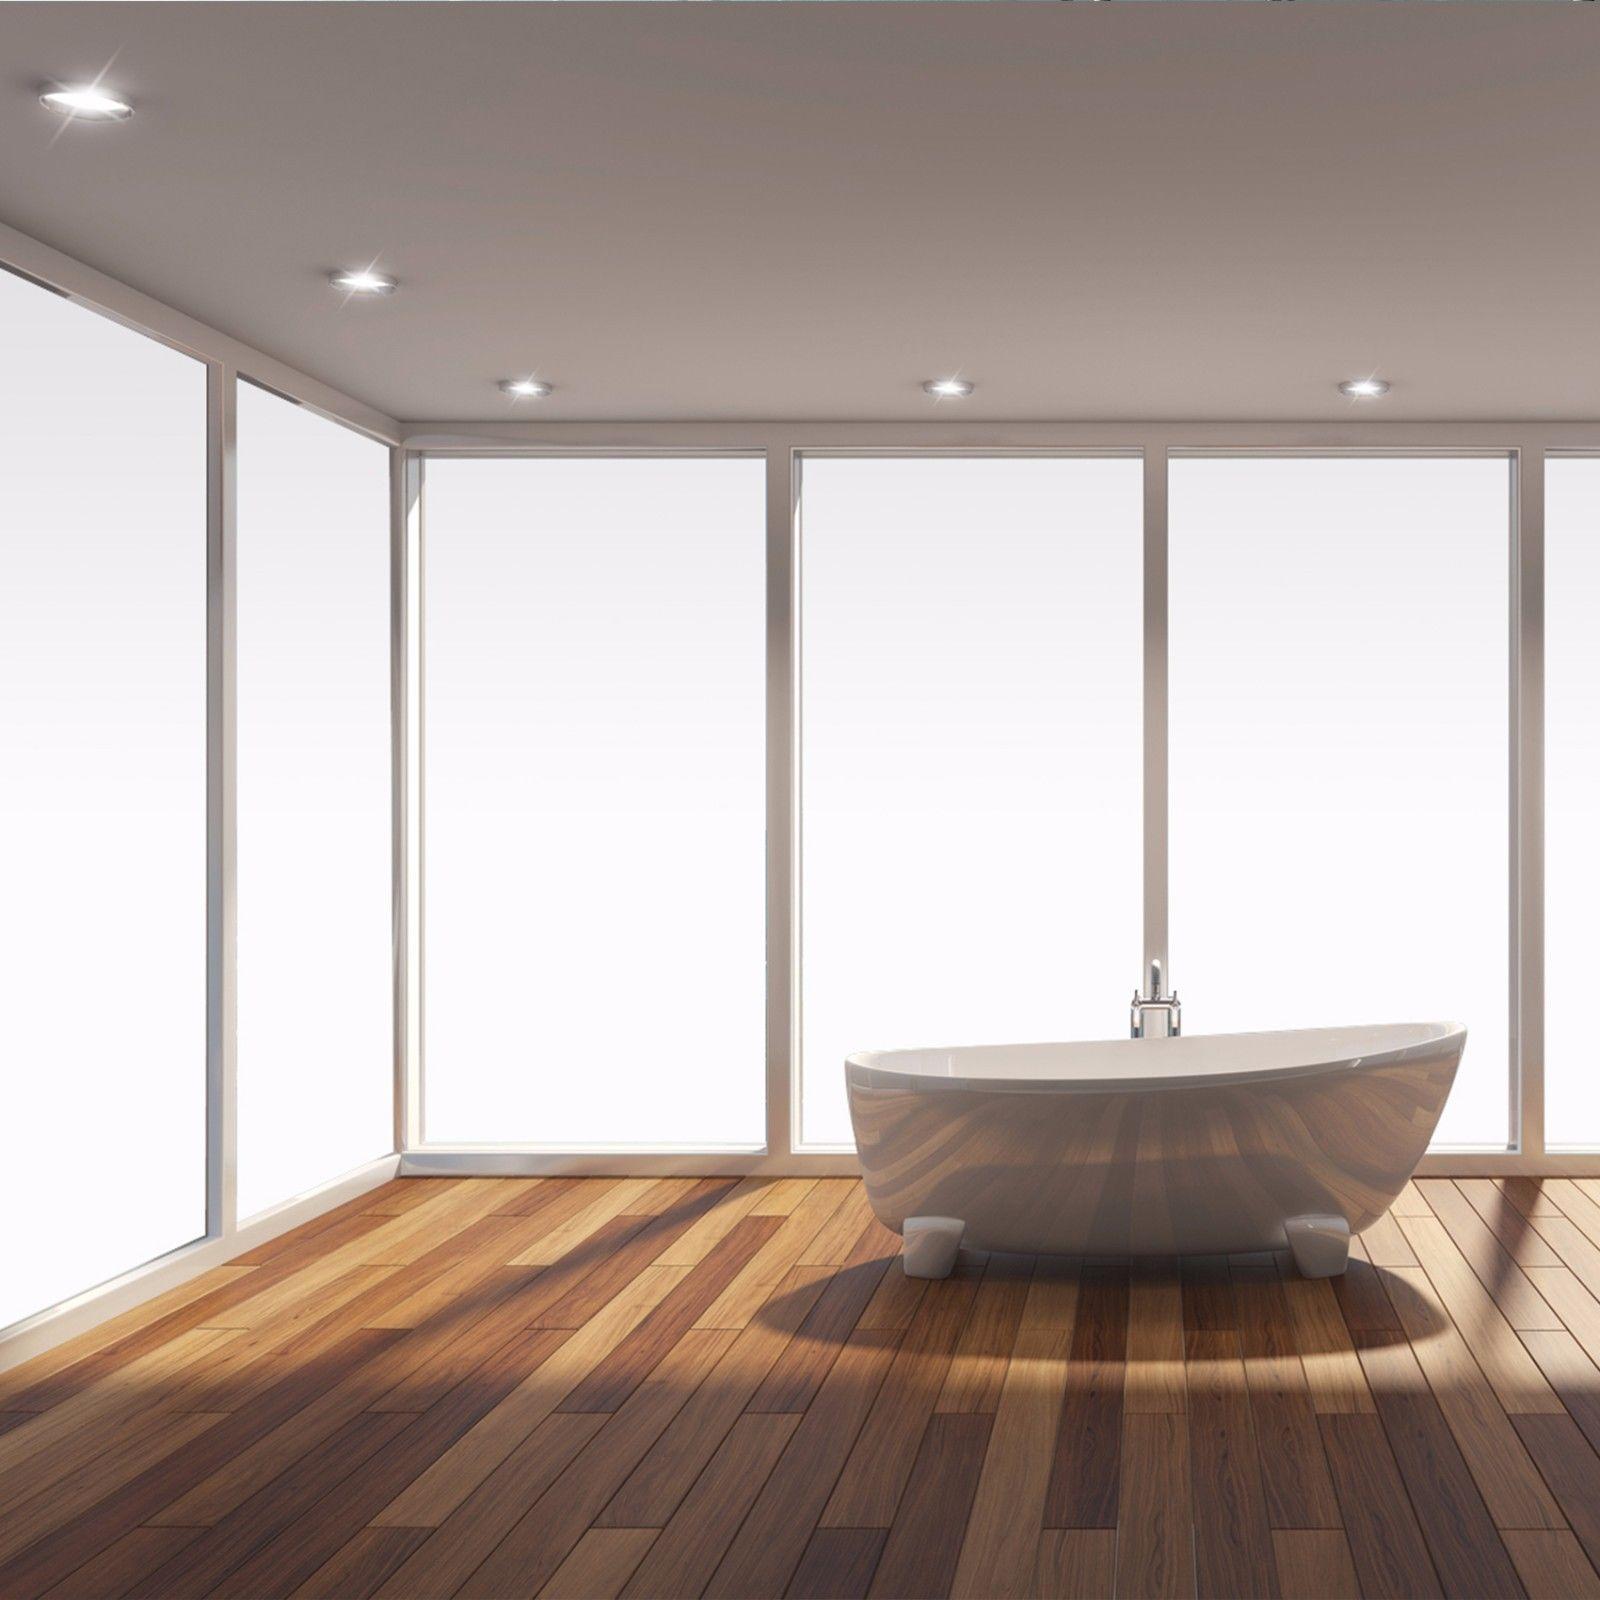 Full Size of Fensterfolie Blickdicht Verdunkelungsfolie Wei 100 Solar Screen Wohnzimmer Fensterfolie Blickdicht